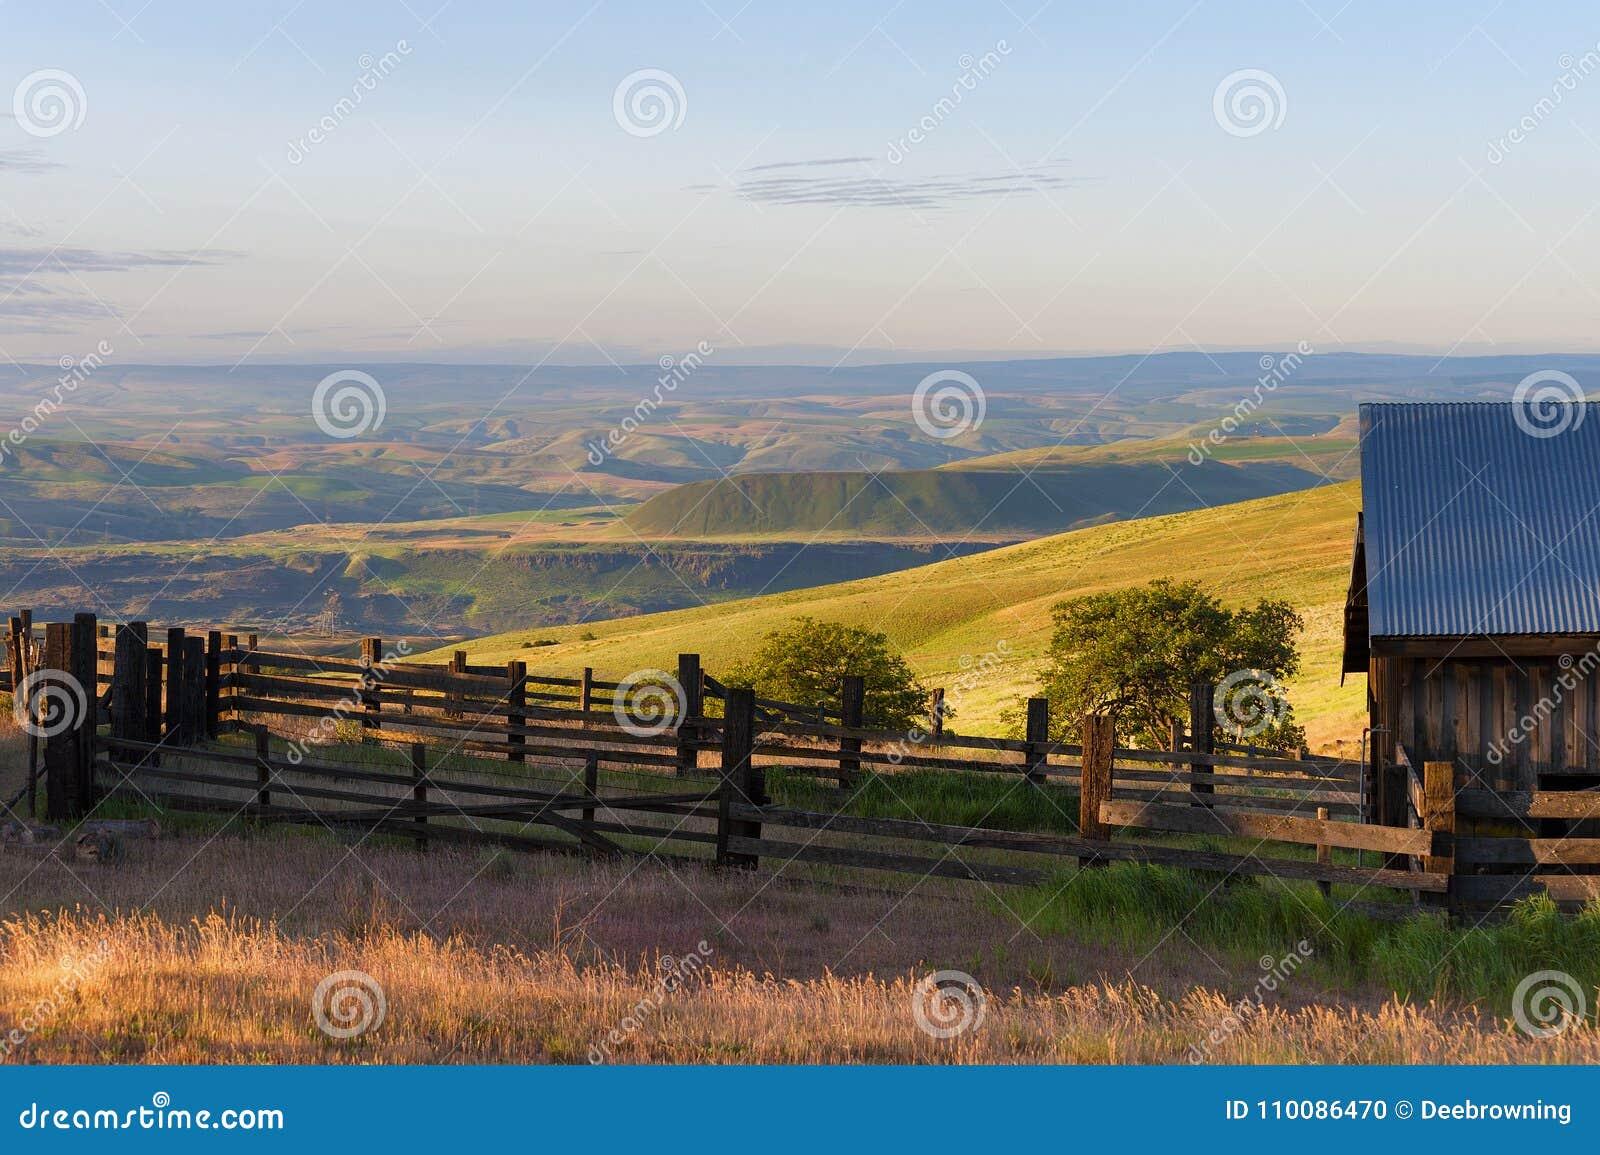 Χρυσή ώρα στο αγρόκτημα βουνών του Ντάλλας στο κράτος λόφων της Κολούμπια